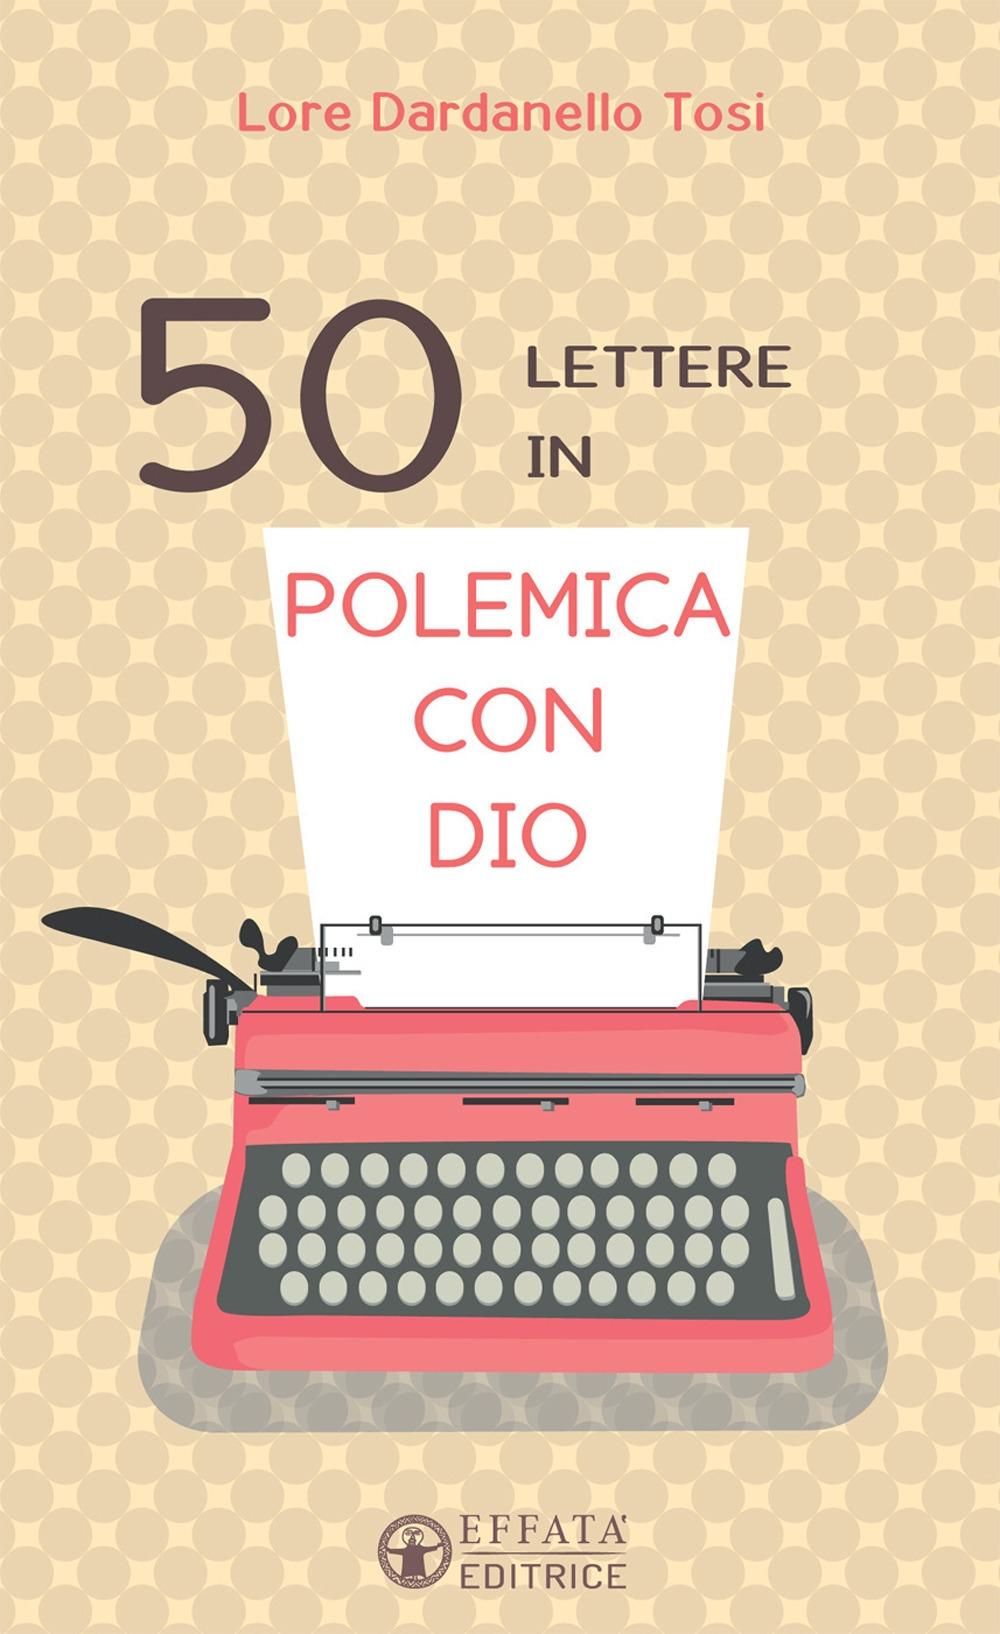 50 lettere in polemica con Dio.